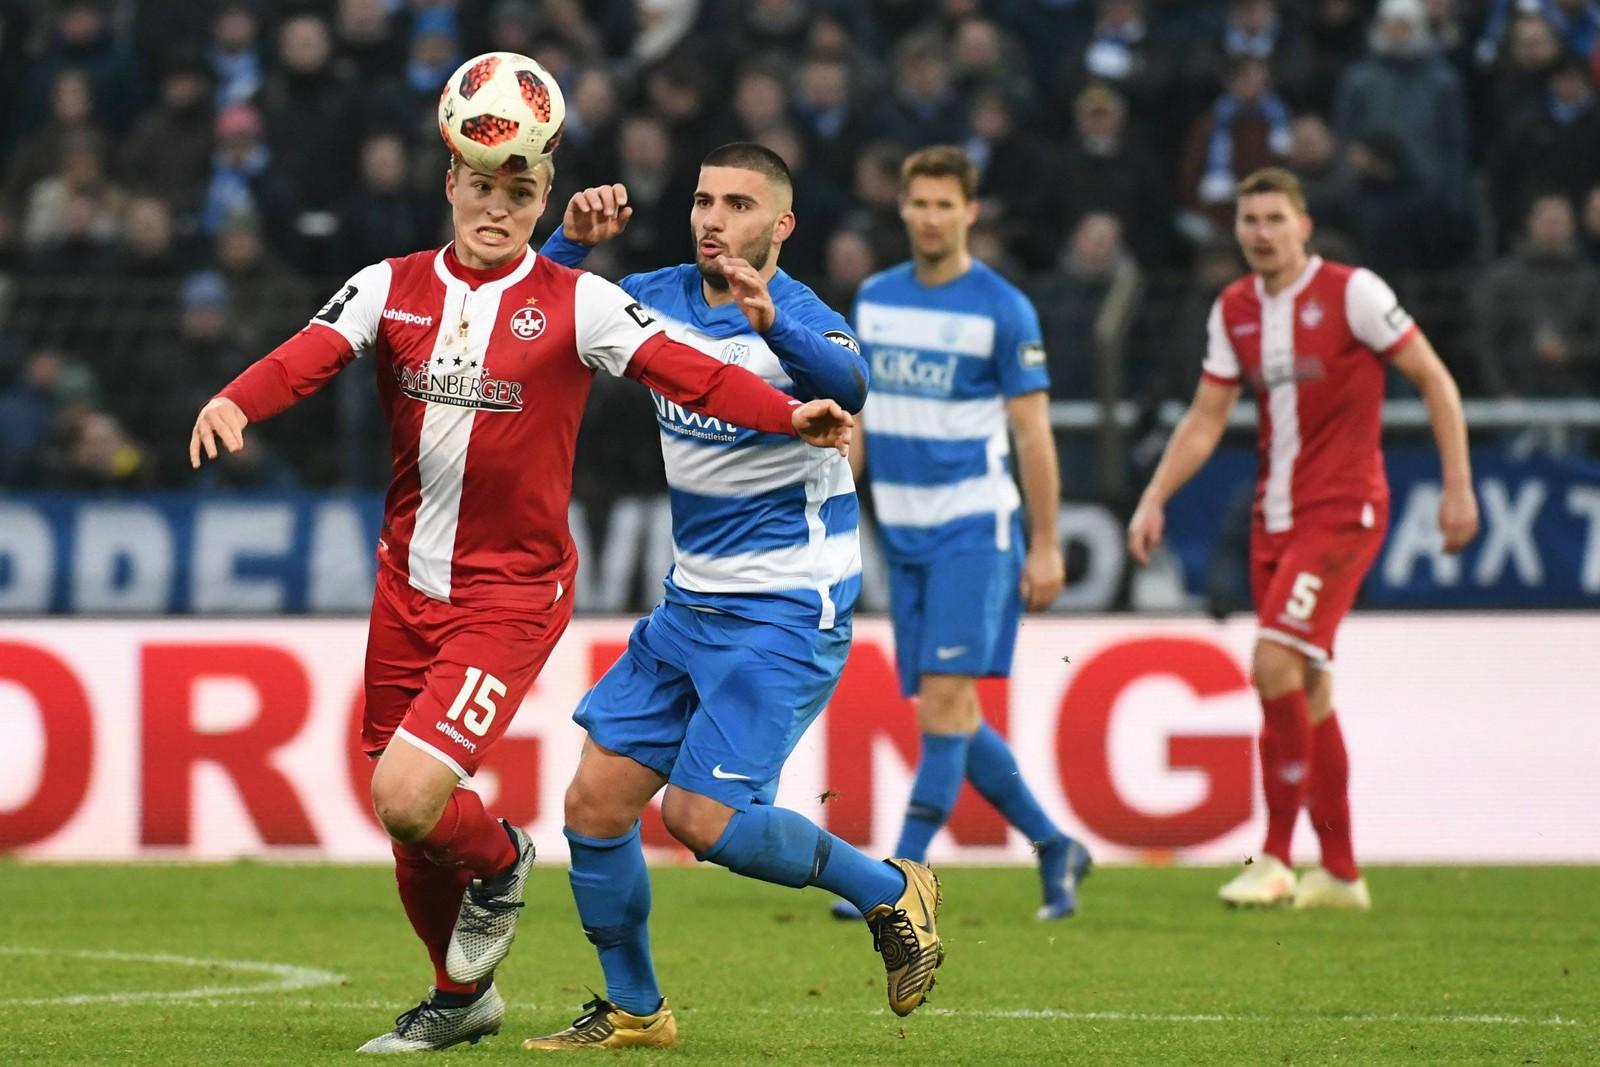 Elias Huth vom FCK im Spiel gegen Meppen